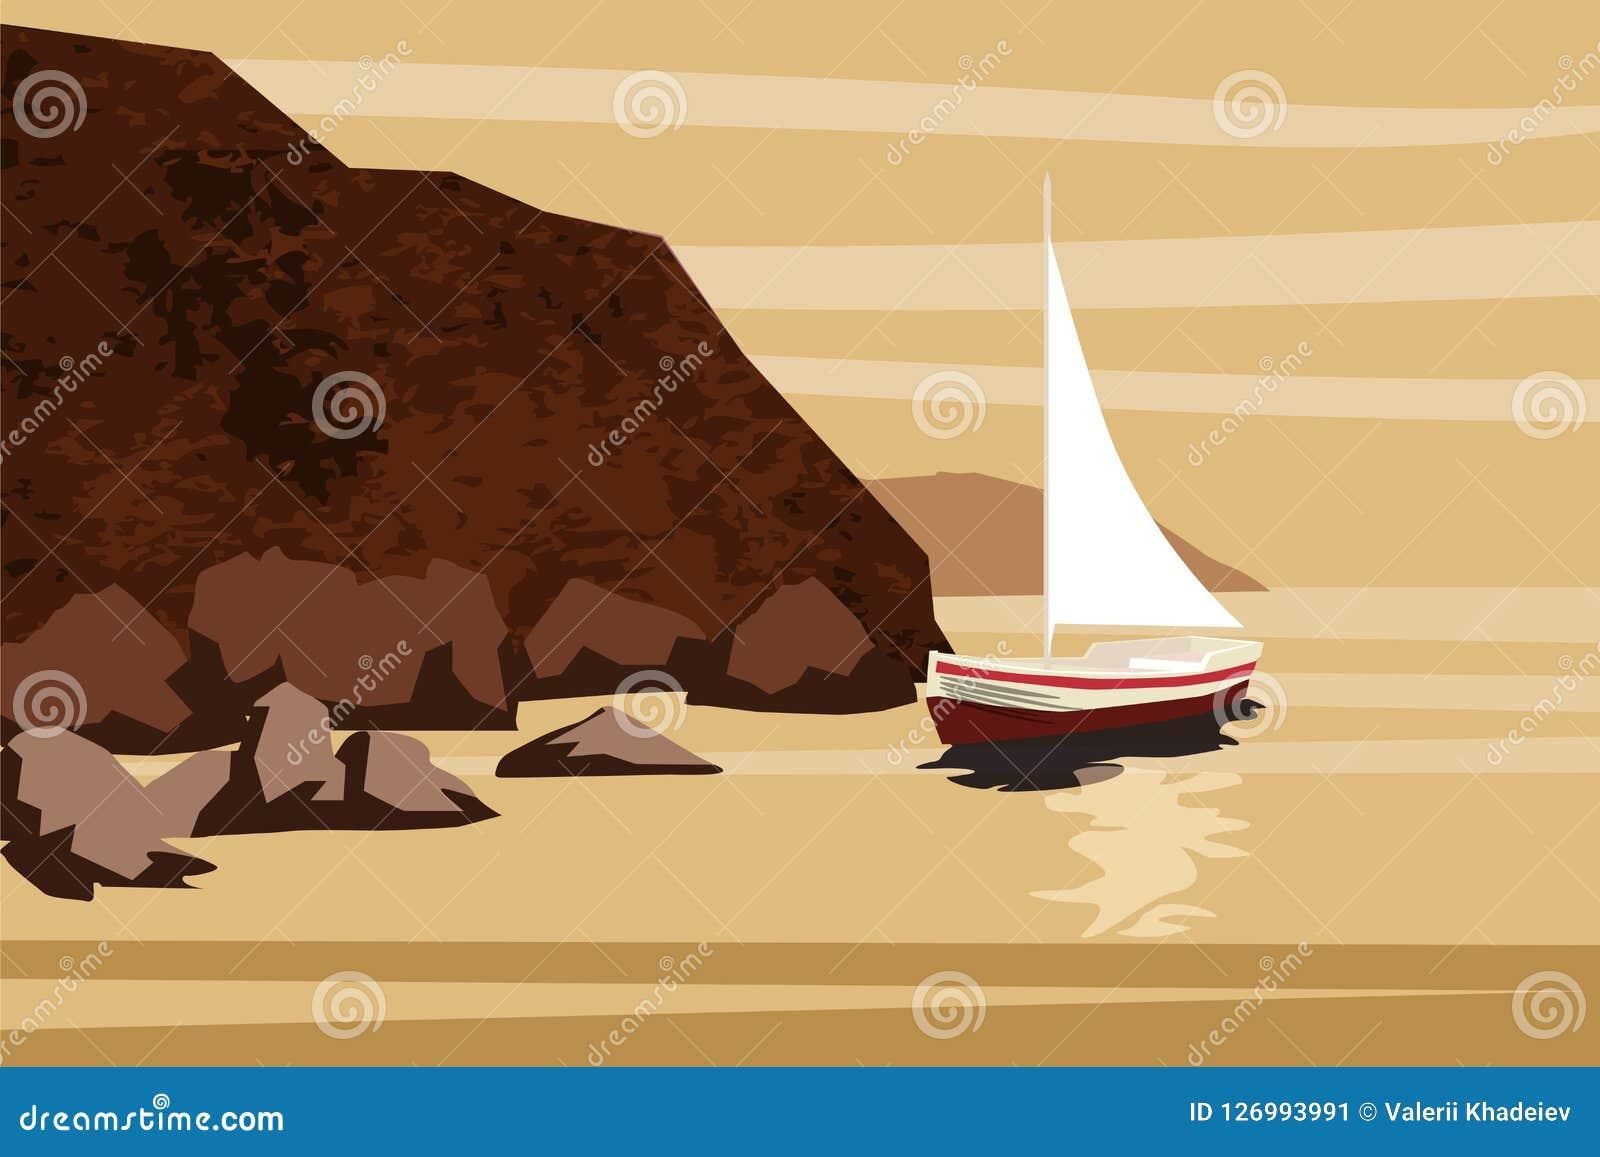 Seascape, morze, ocean, skały, kamienie, sailfish, łódź, wektor, ilustracja, odizolowywająca